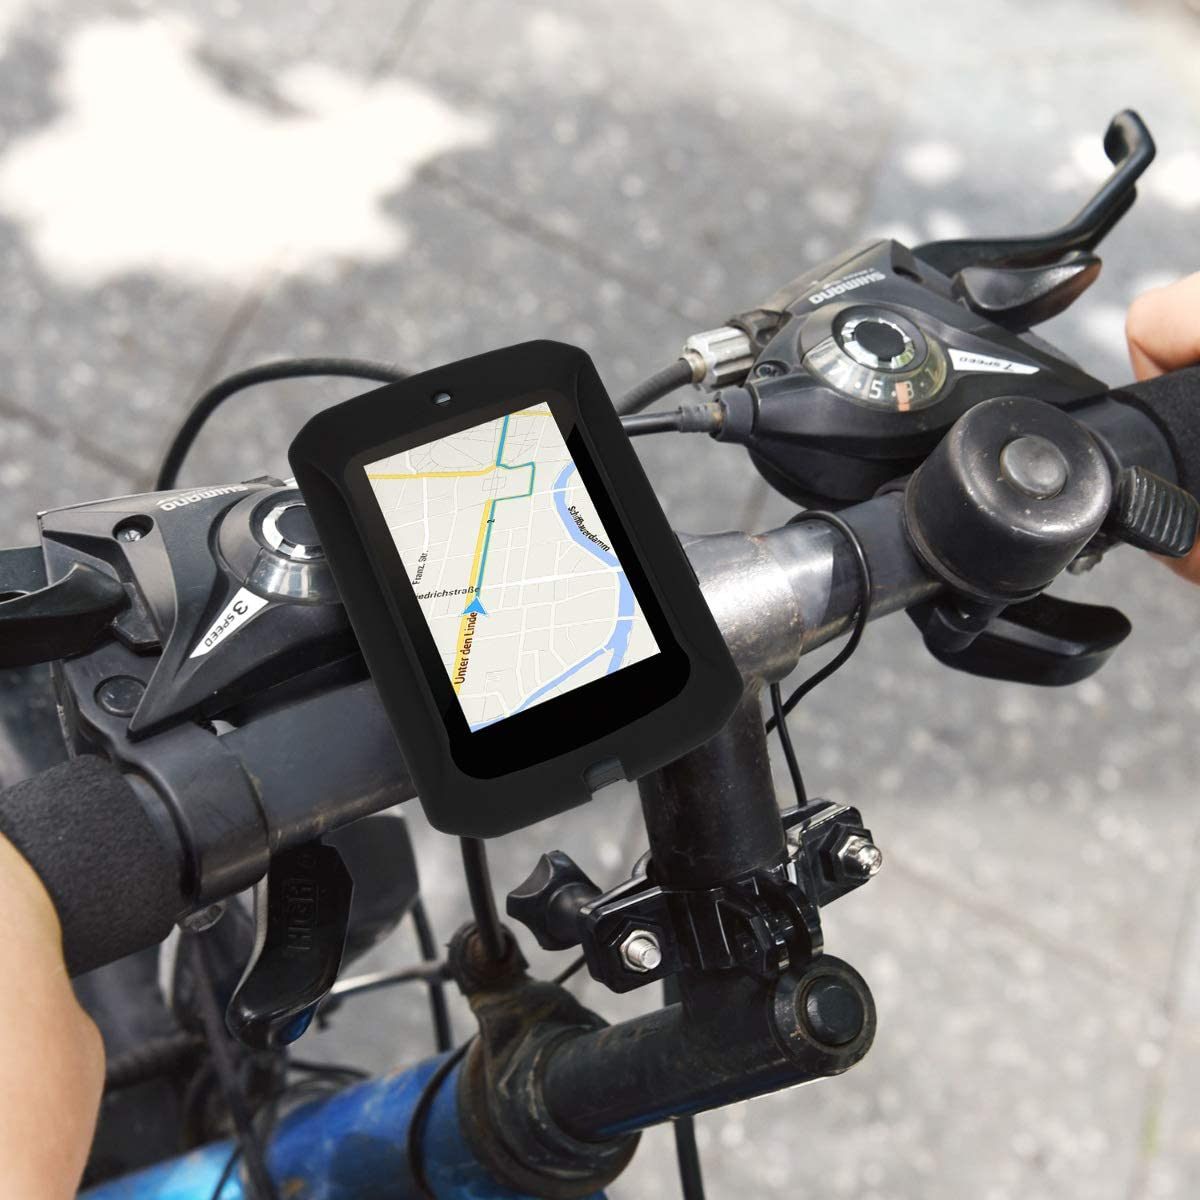 Cover en Negro kwmobile Funda Compatible con Bryton Rider 860 Carcasa de Silicona para GPS